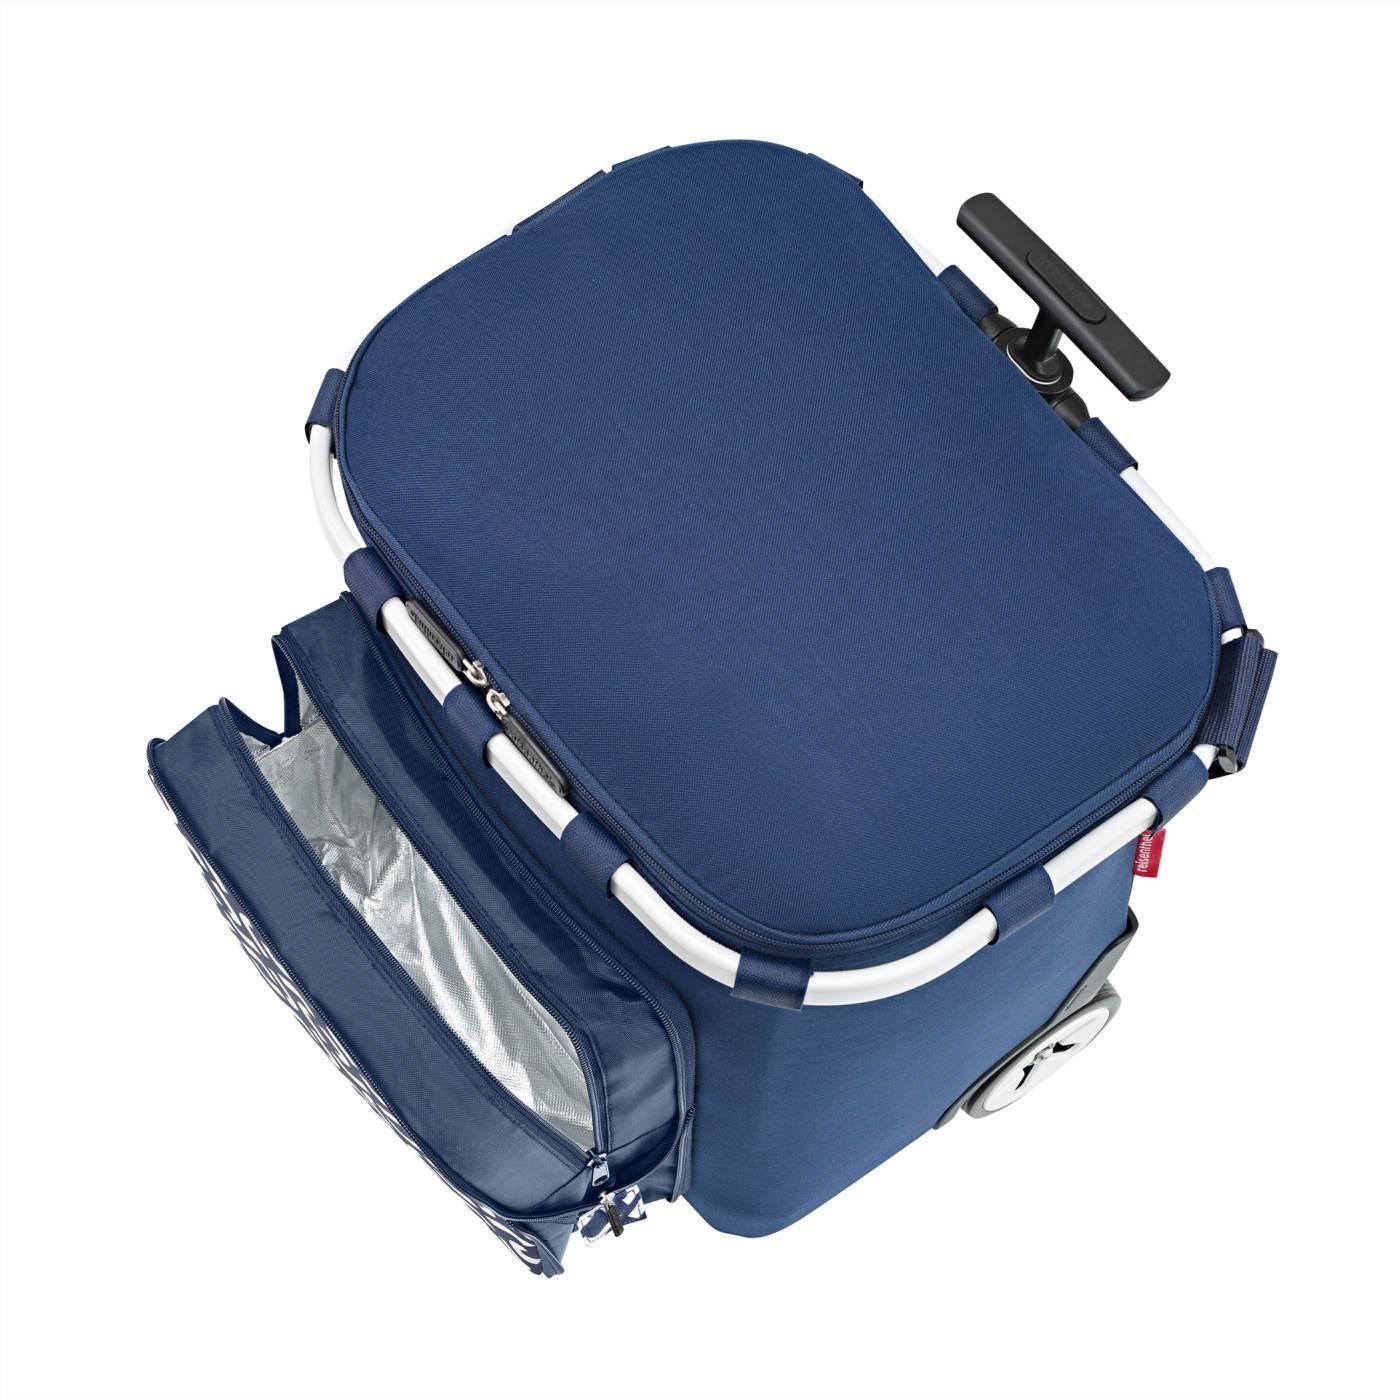 Taška na kolečkách Carrycruiser plus frame signature navy_0